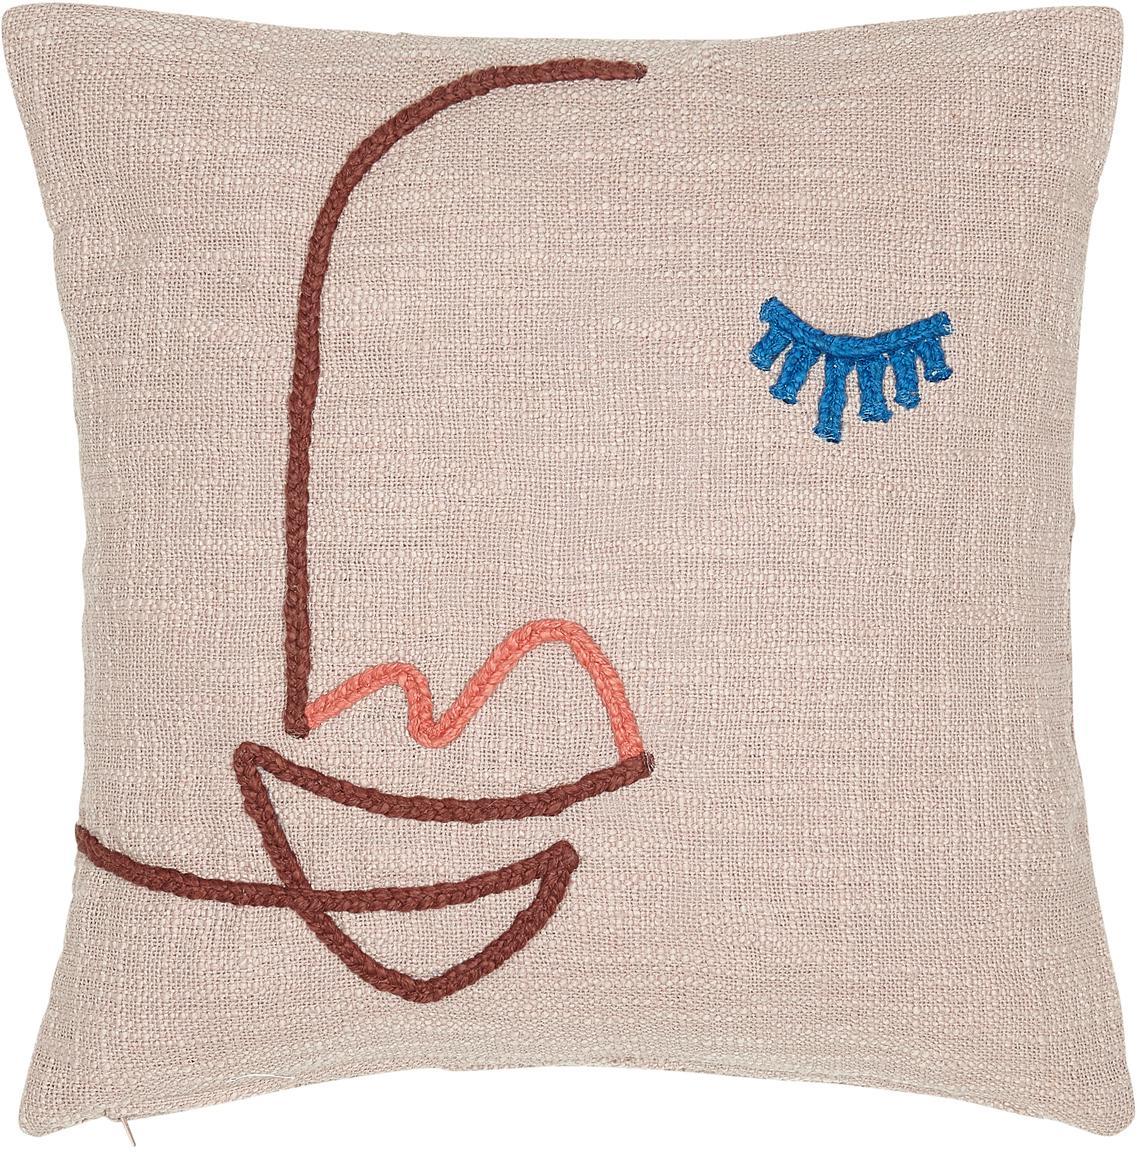 Haftowana poszewka na poduszkę z bawełny organicznej Faces, Bawełna organiczna, Blady różowy, ciemny czerwony, niebieski, S 45 x D 45 cm